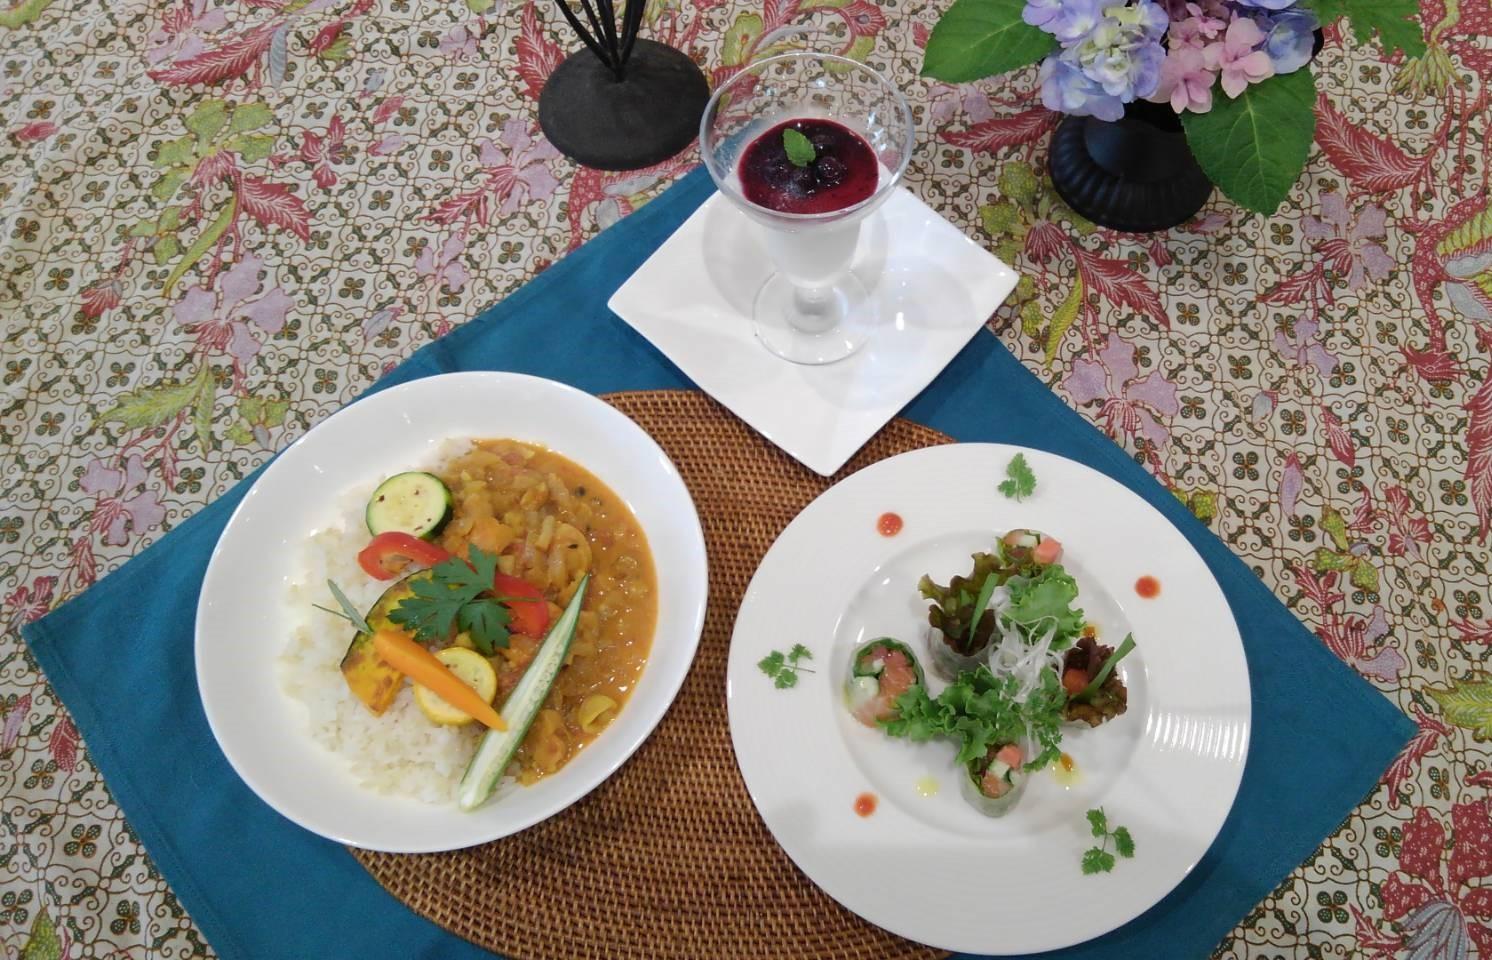 アジアン風 おもてなし料理 ※全コースの中から3コースまでお申込みできます。 イメージ